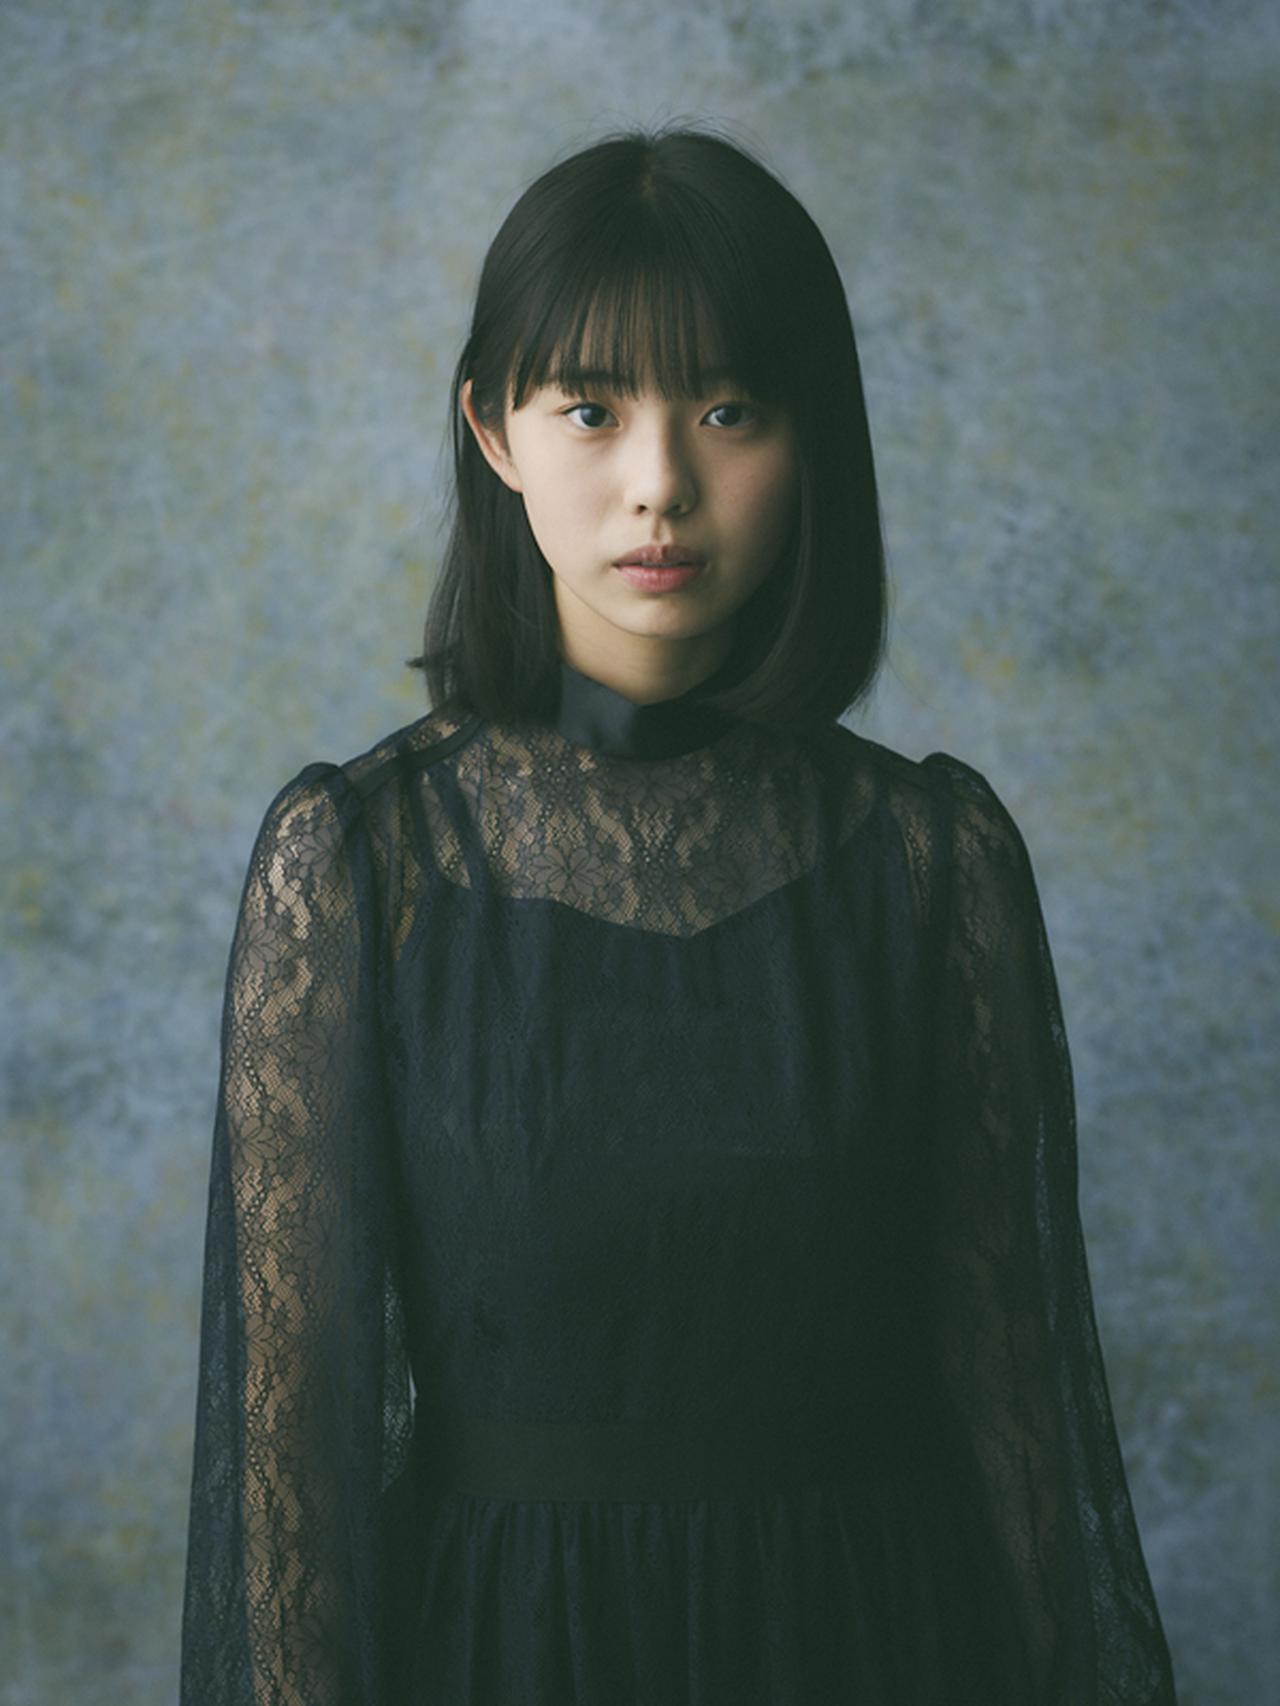 画像: 菊地 姫奈 - Hina Kikuchi   BLUE LABEL